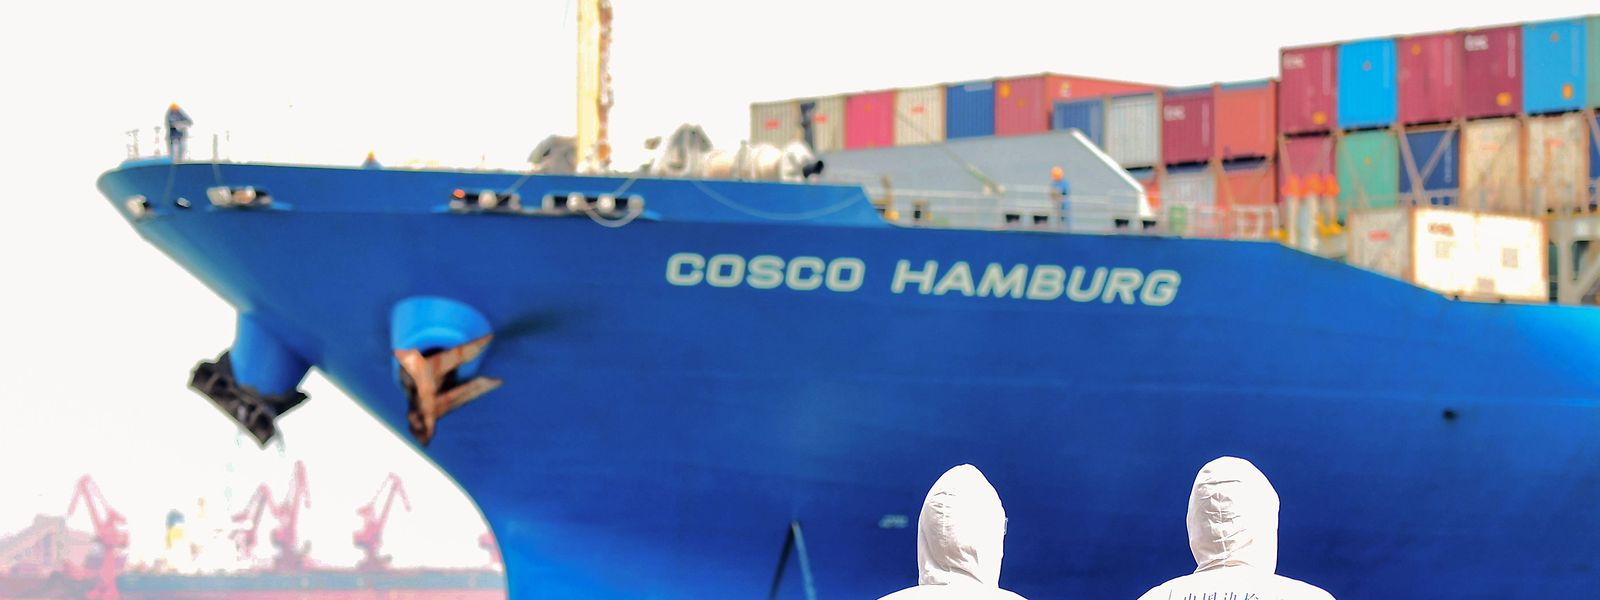 China fährt die Produktion wieder hoch: Zwei Kontrolleure in Schutzanzügen im Hafen von Shandong.